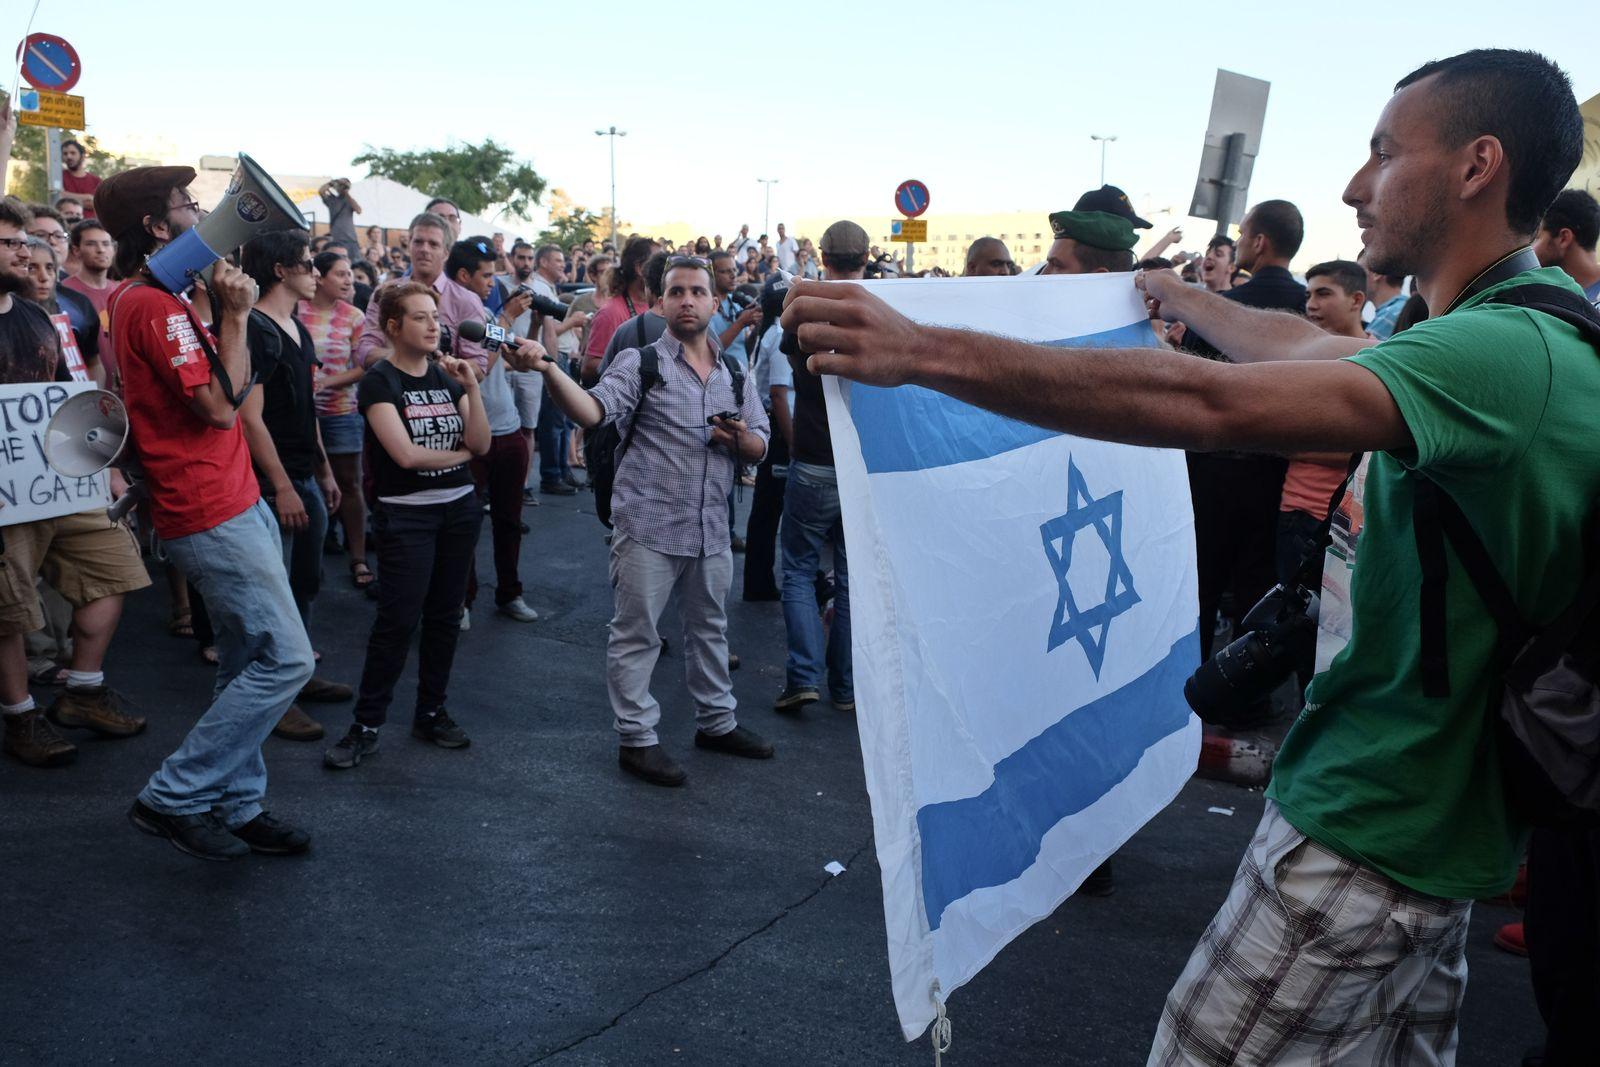 NICHT MEHR VERWENDEN! - Jerusalem / Anti-Rassismus-Demo